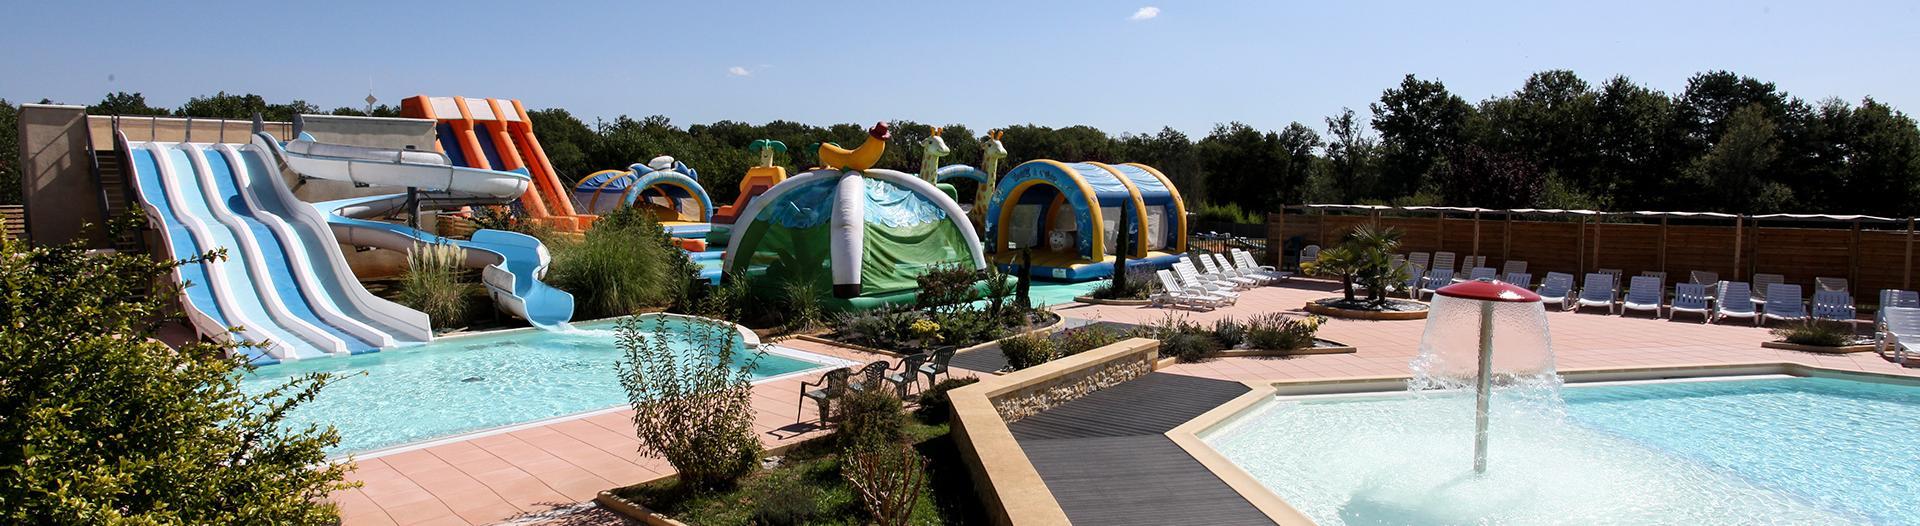 slider-carbonnierensemble piscine